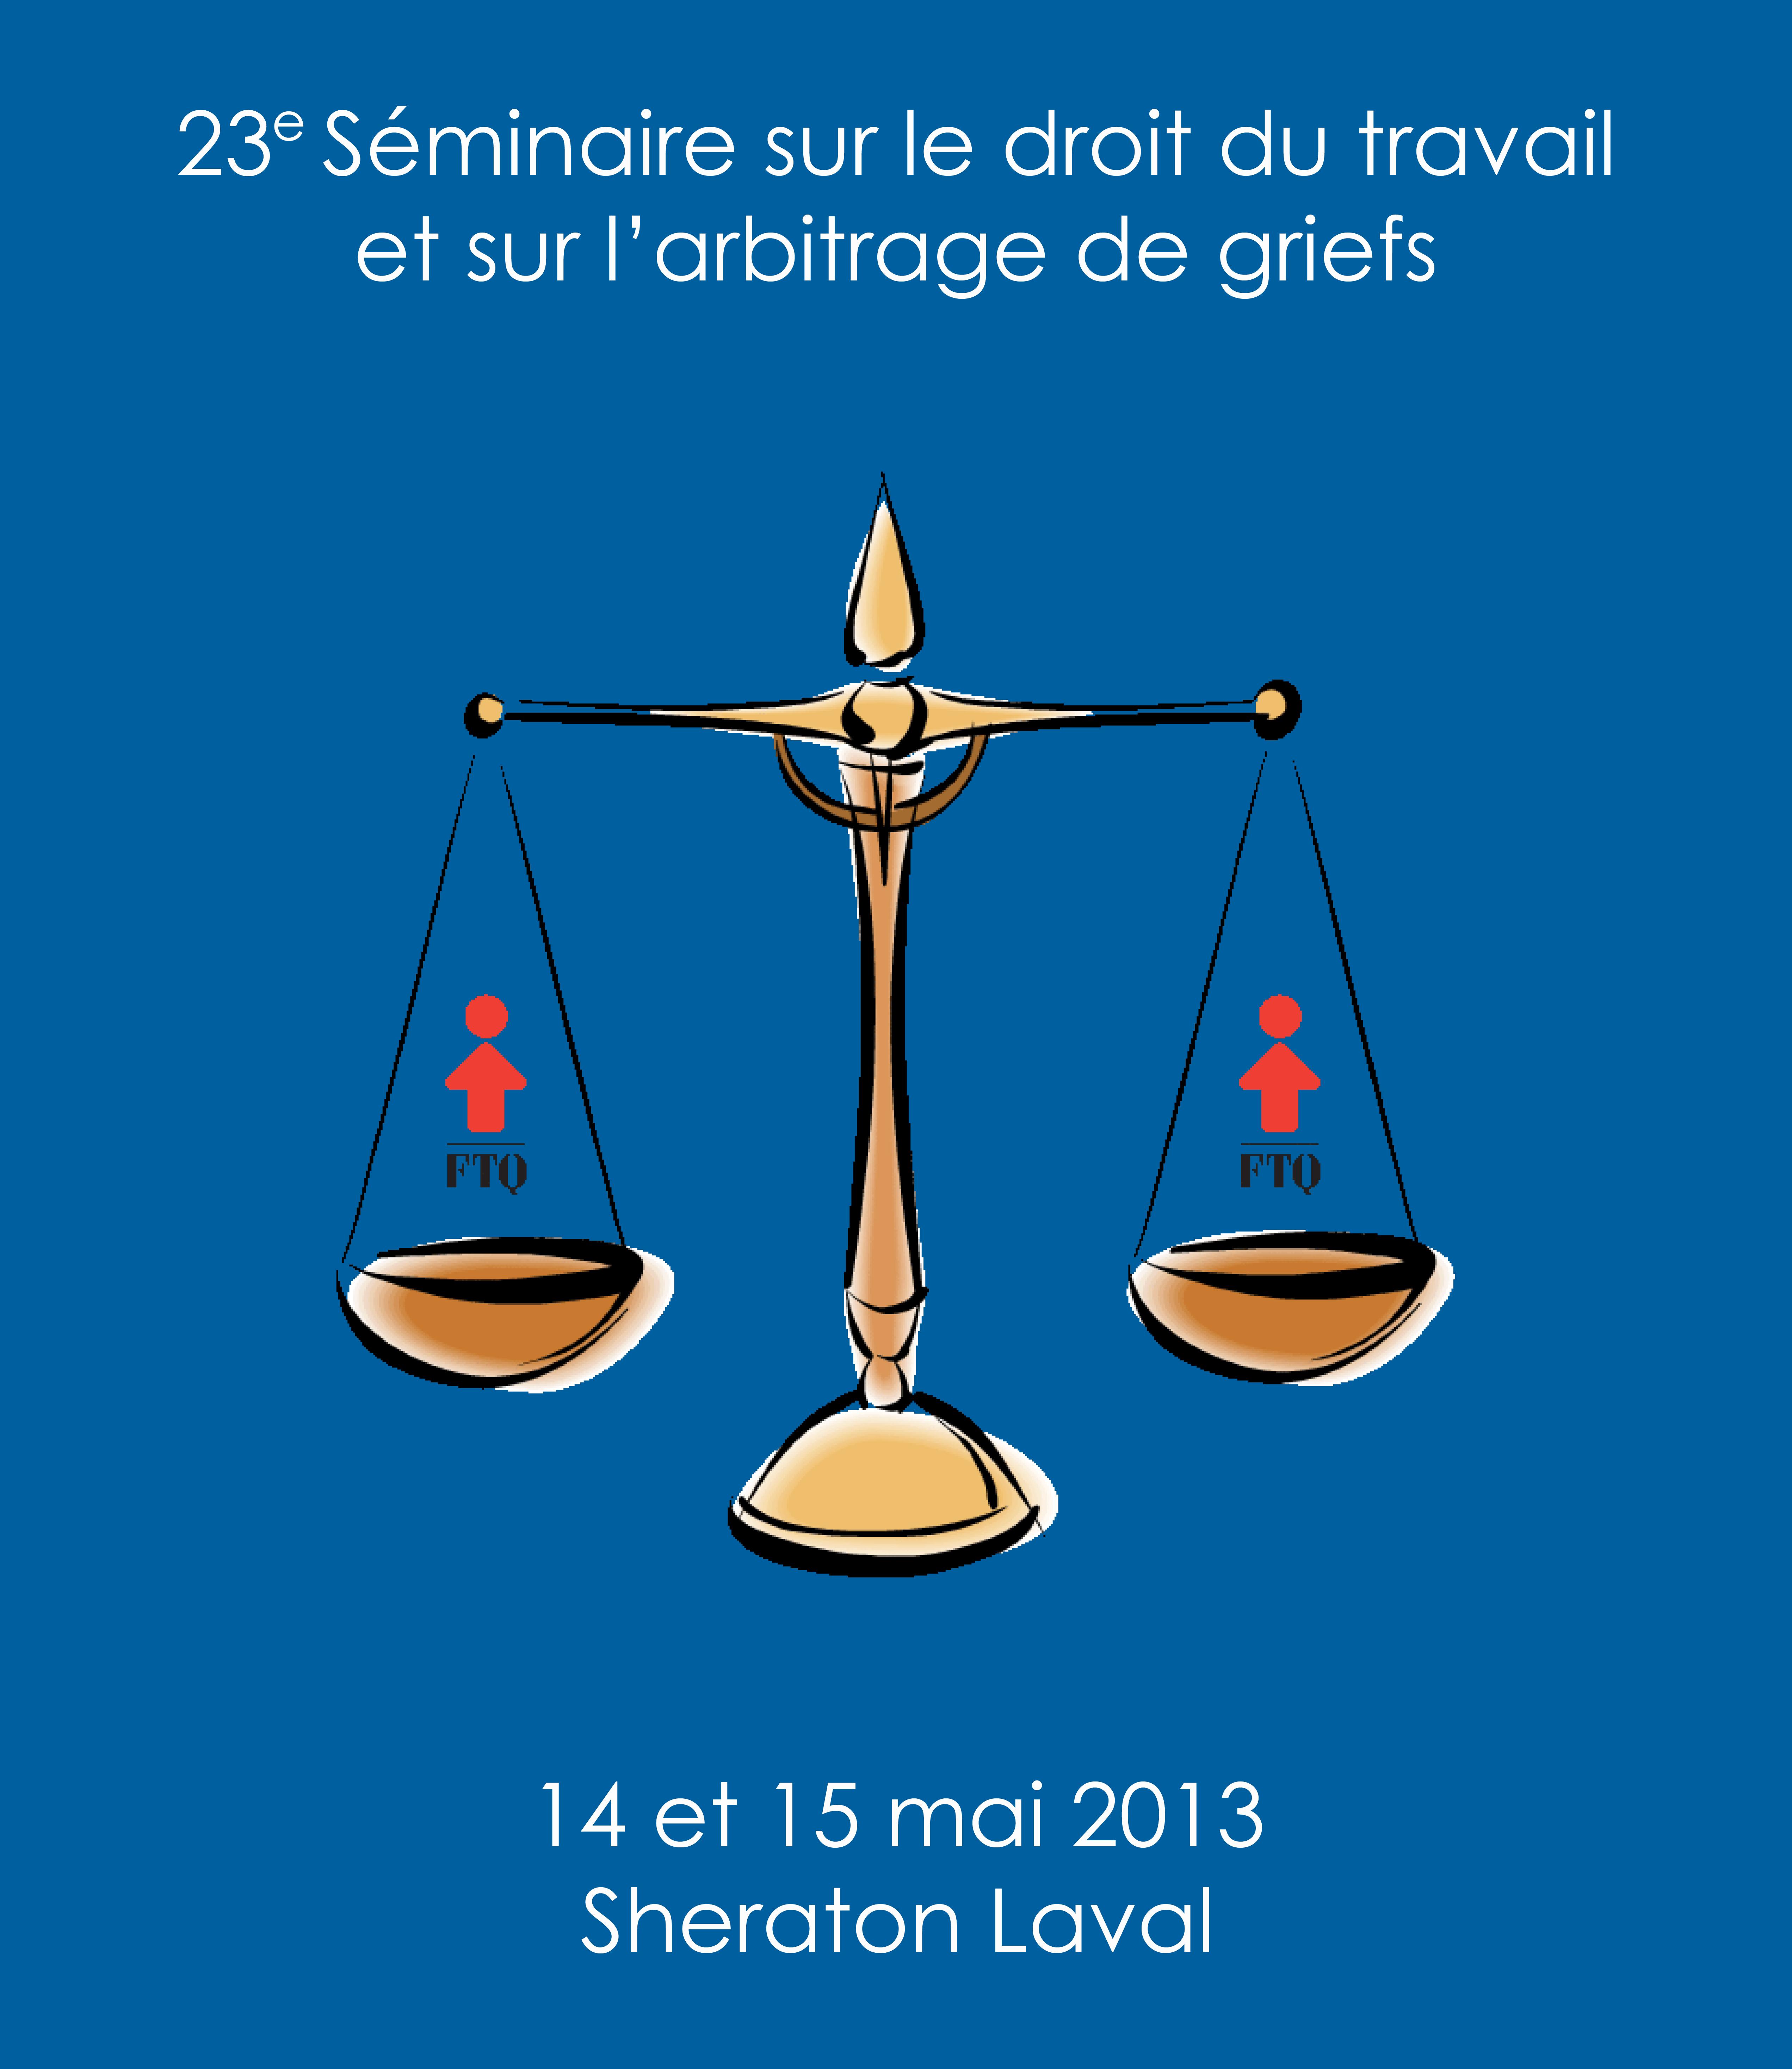 23e Séminaire sur le droit du travail et l'arbitrage de griefs